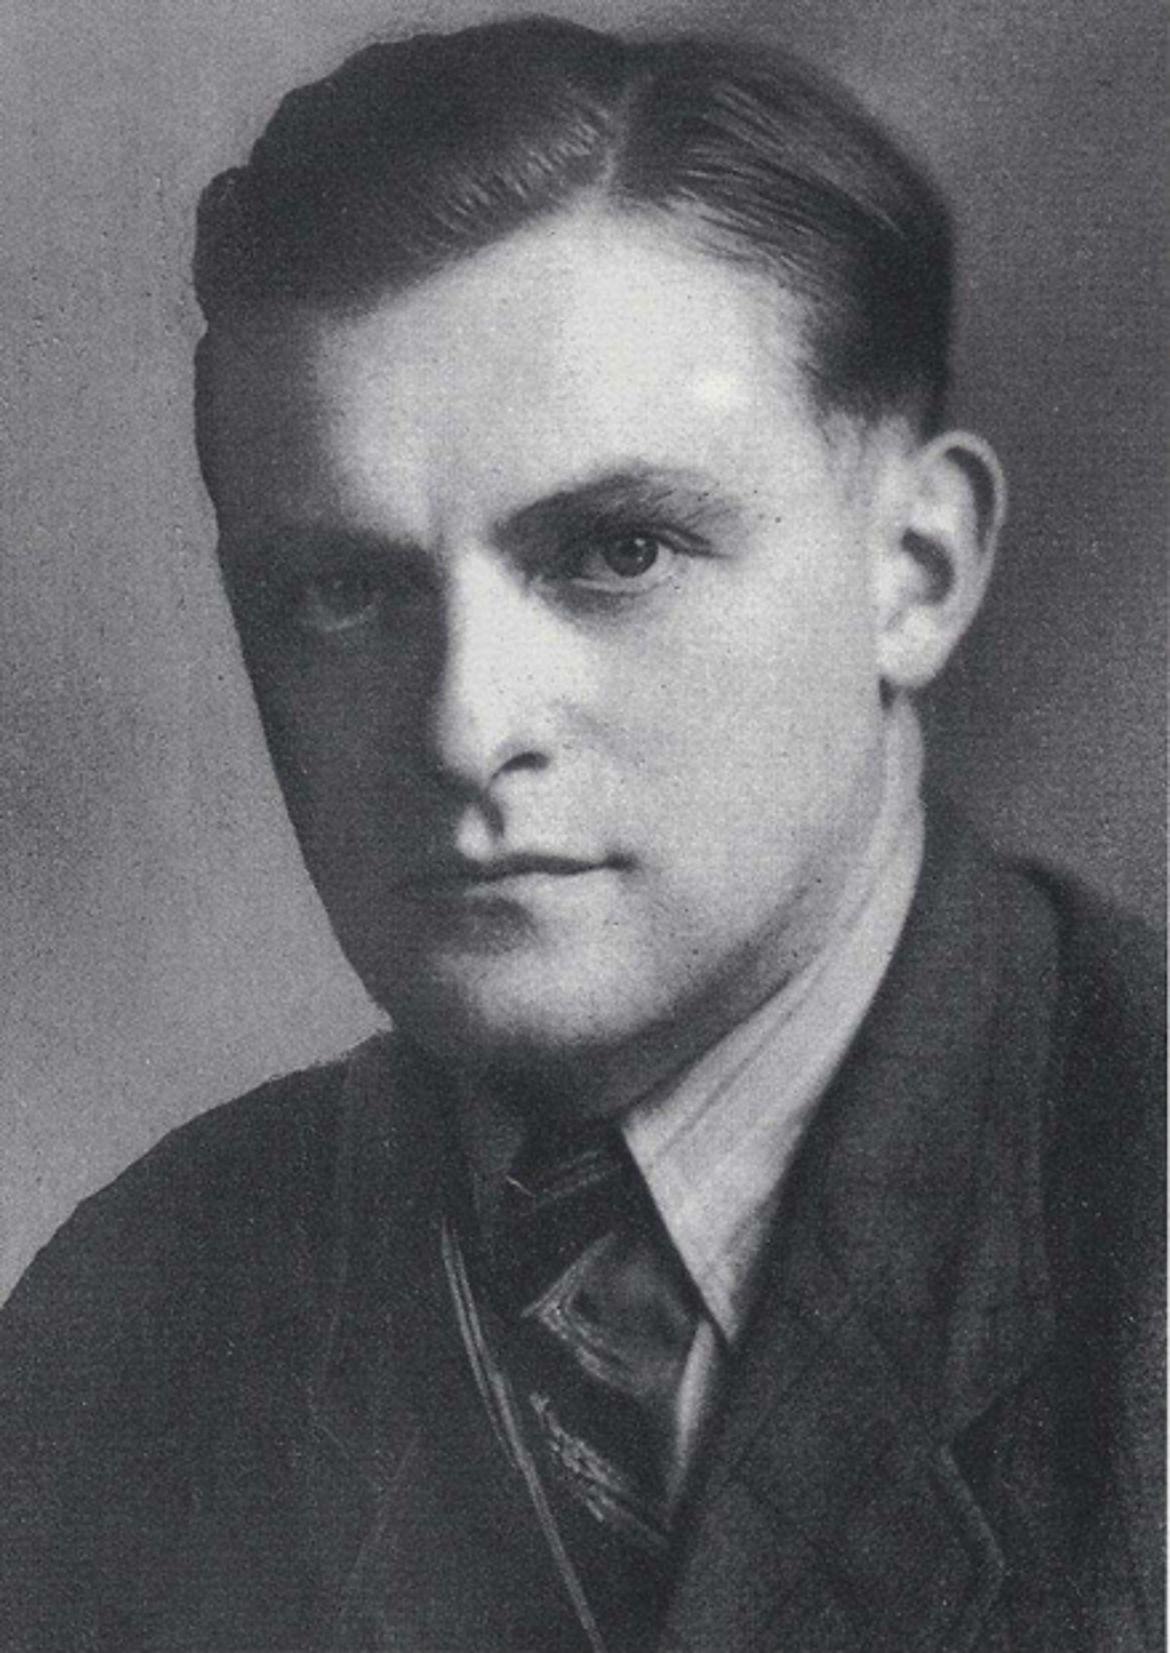 Franz Josef Strauß als Landrat in Schongau 1946